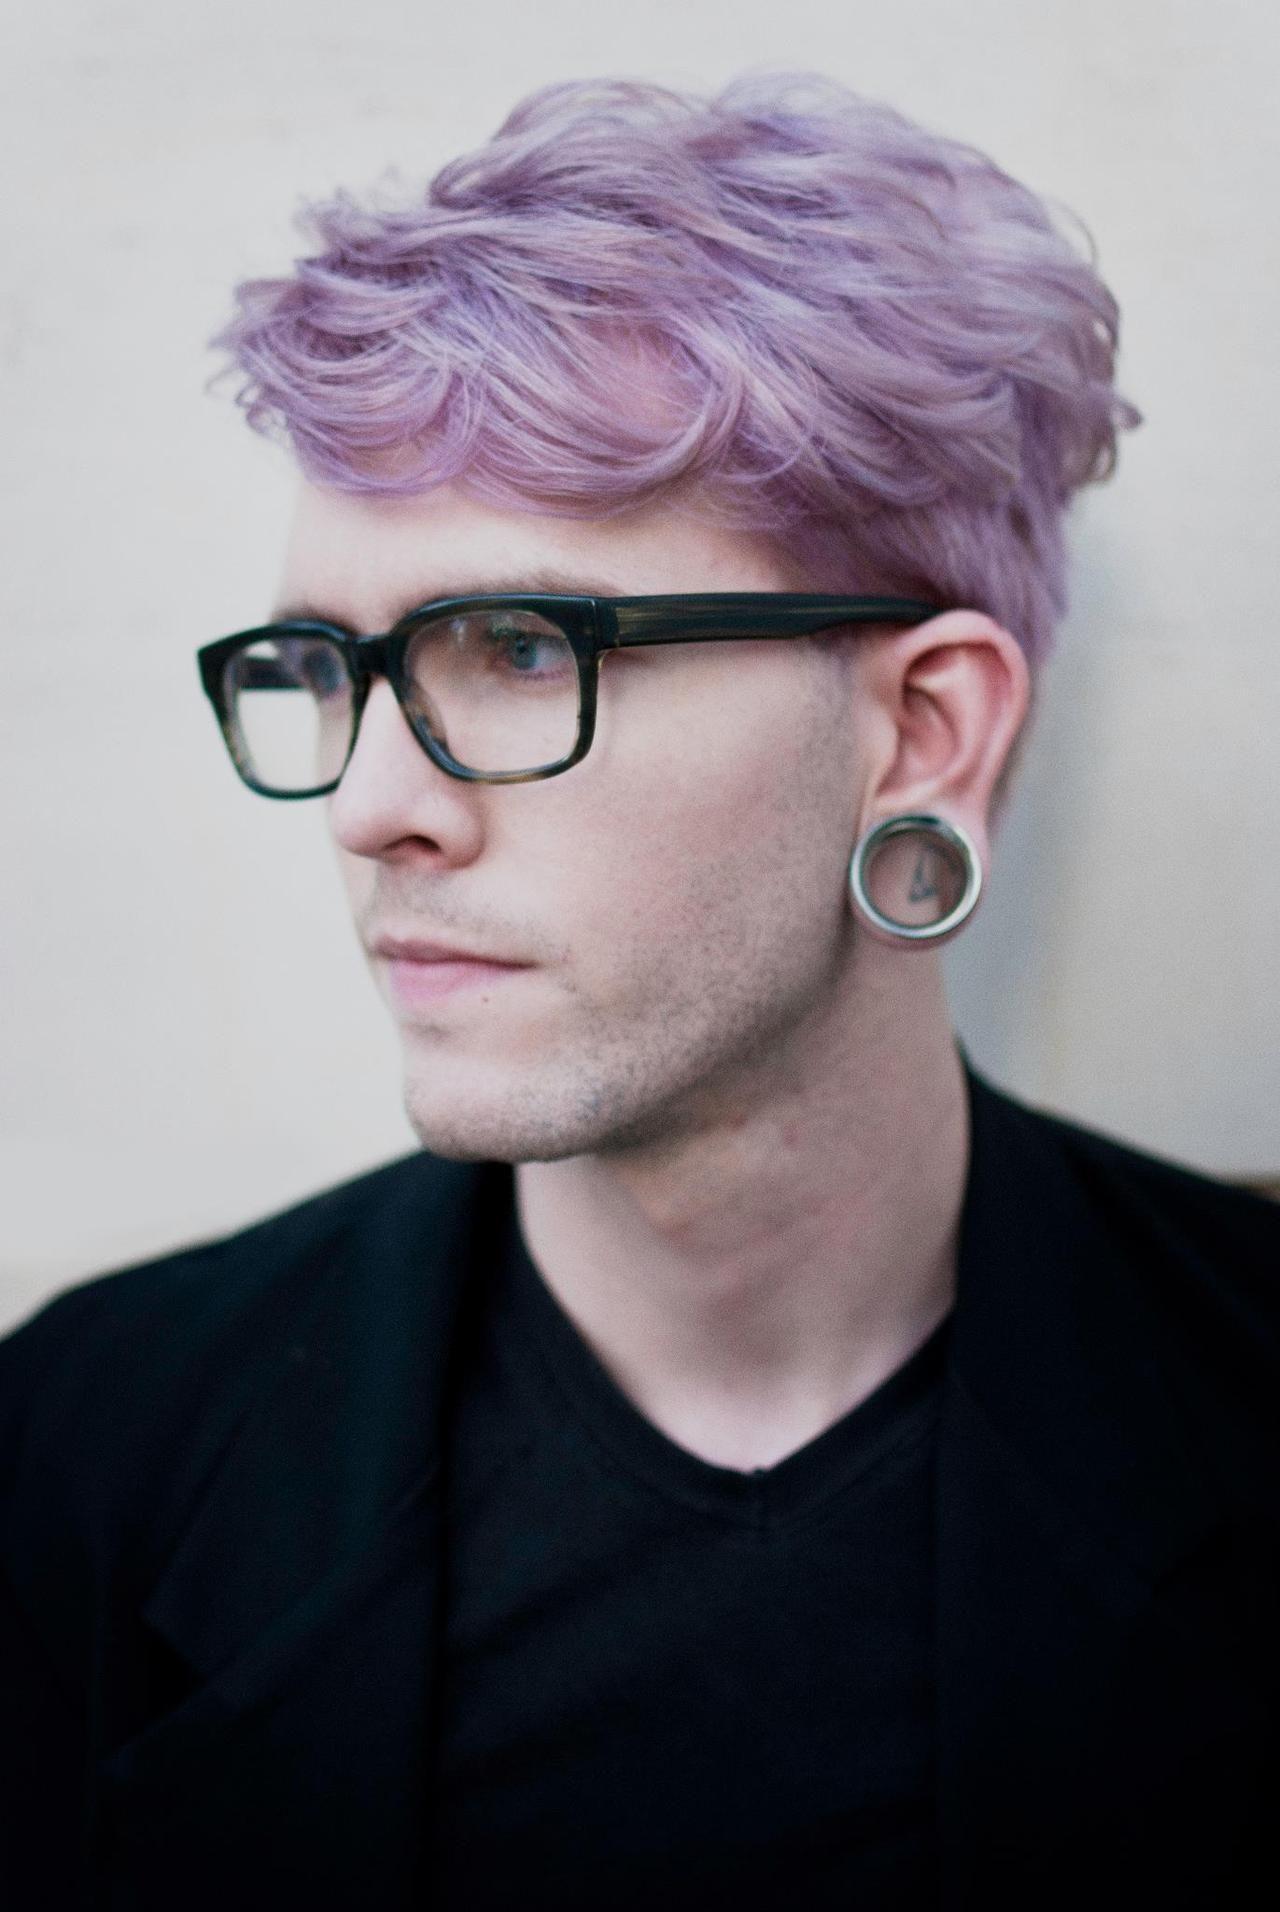 Dye Man Color Short Hair Hair